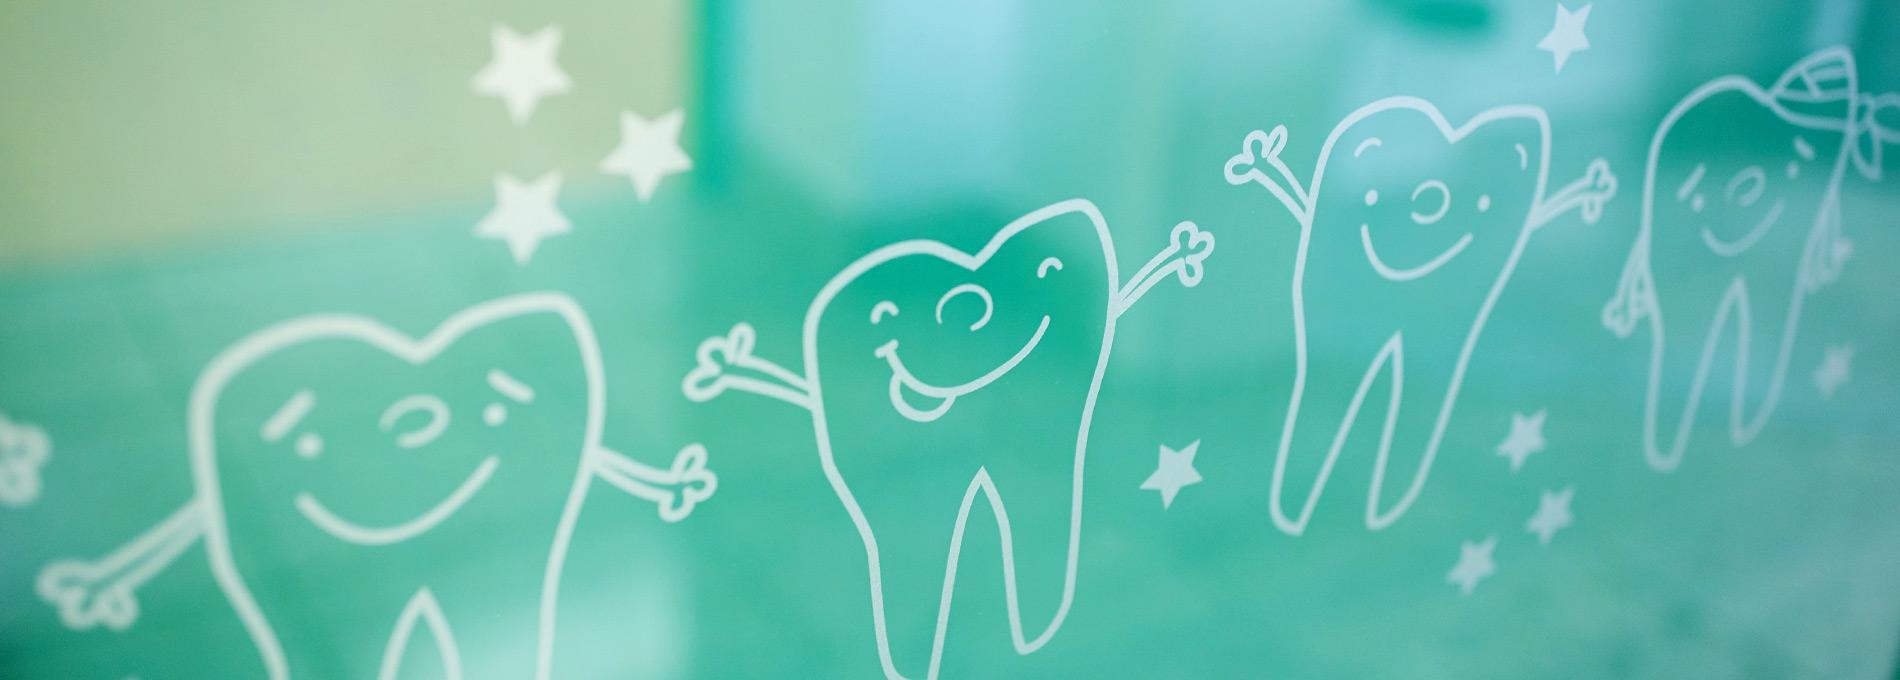 Zahnarztpraxis  Zahnrhein in Walluf - Leistungen